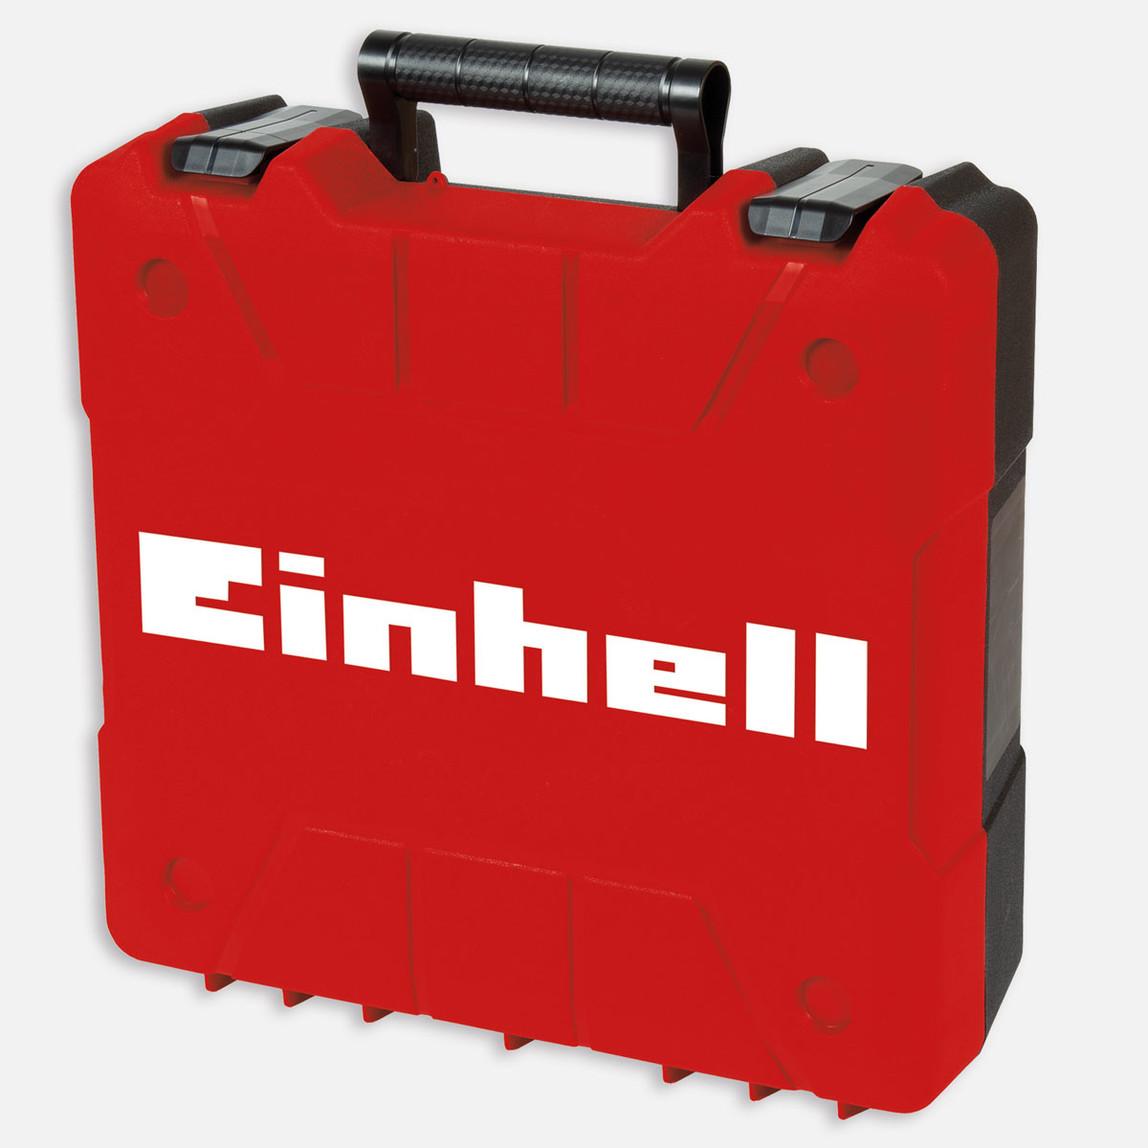 Einhell TC-ID 720/1 E Kit Darbeli Matkap